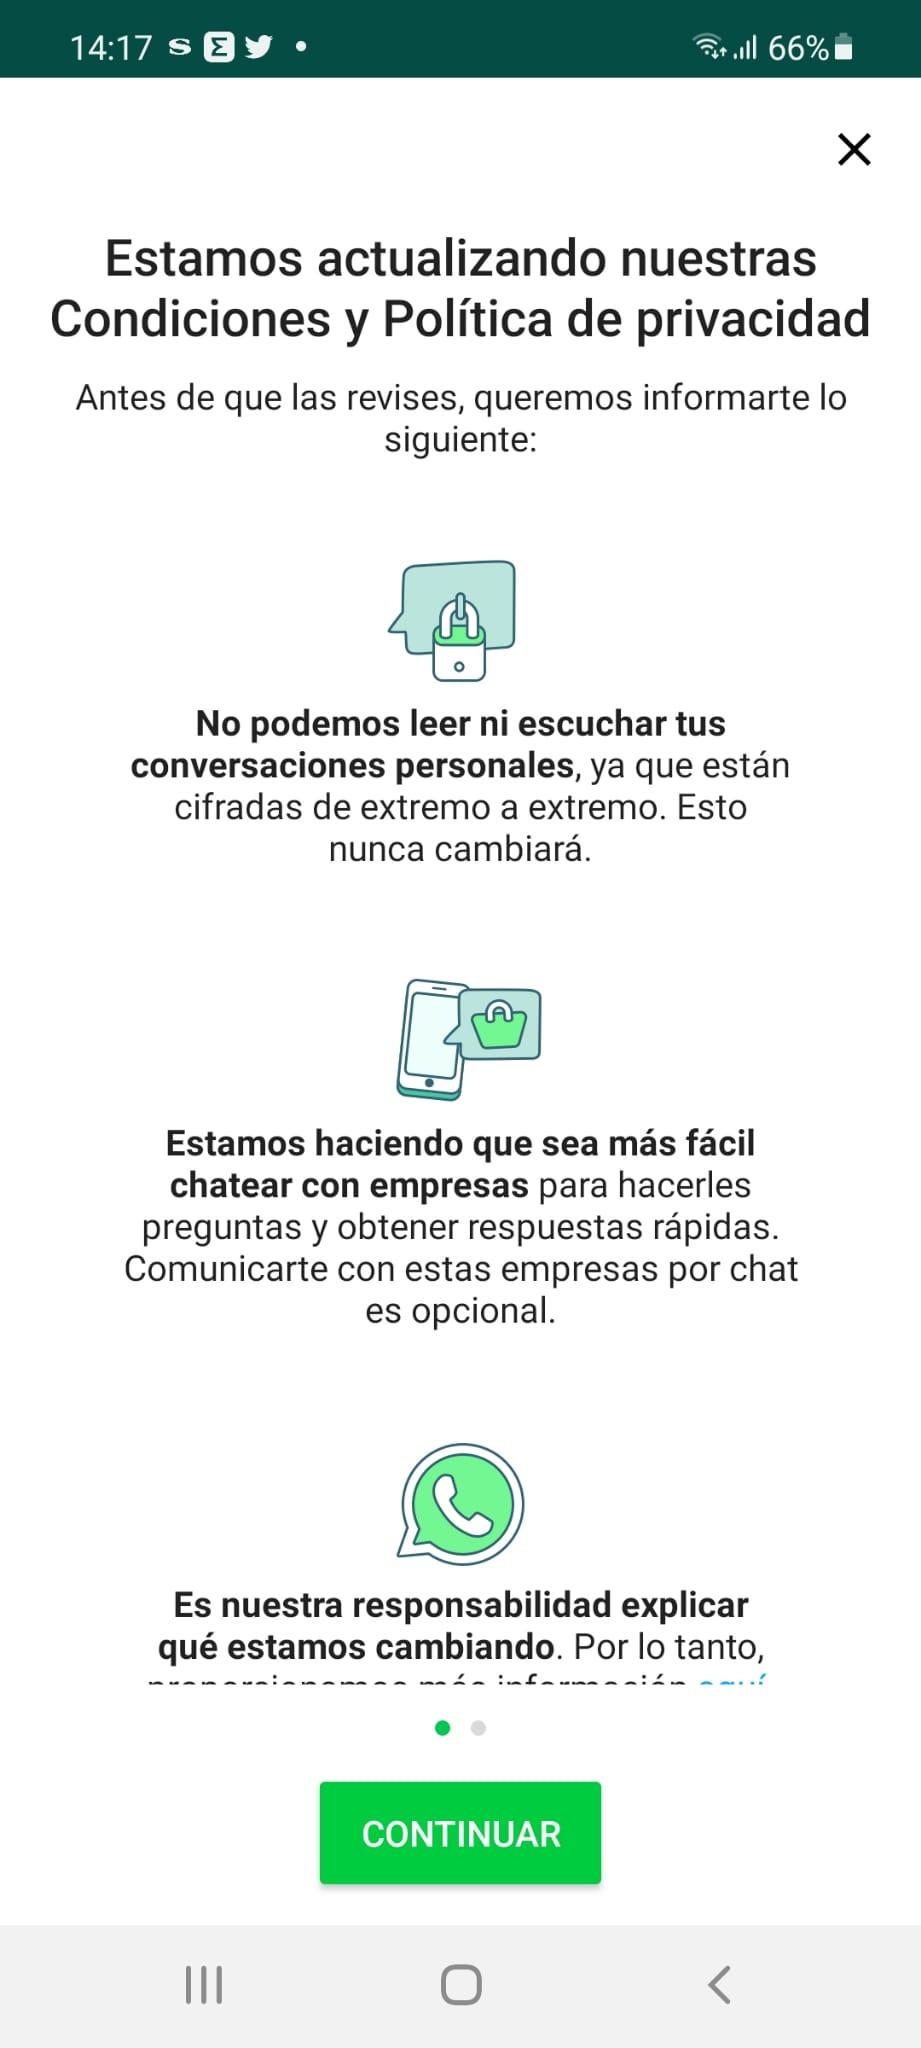 Mensaje que reciben los usuarios de WhatsApp para aceptar las nuevas condiciones de la aplicación.